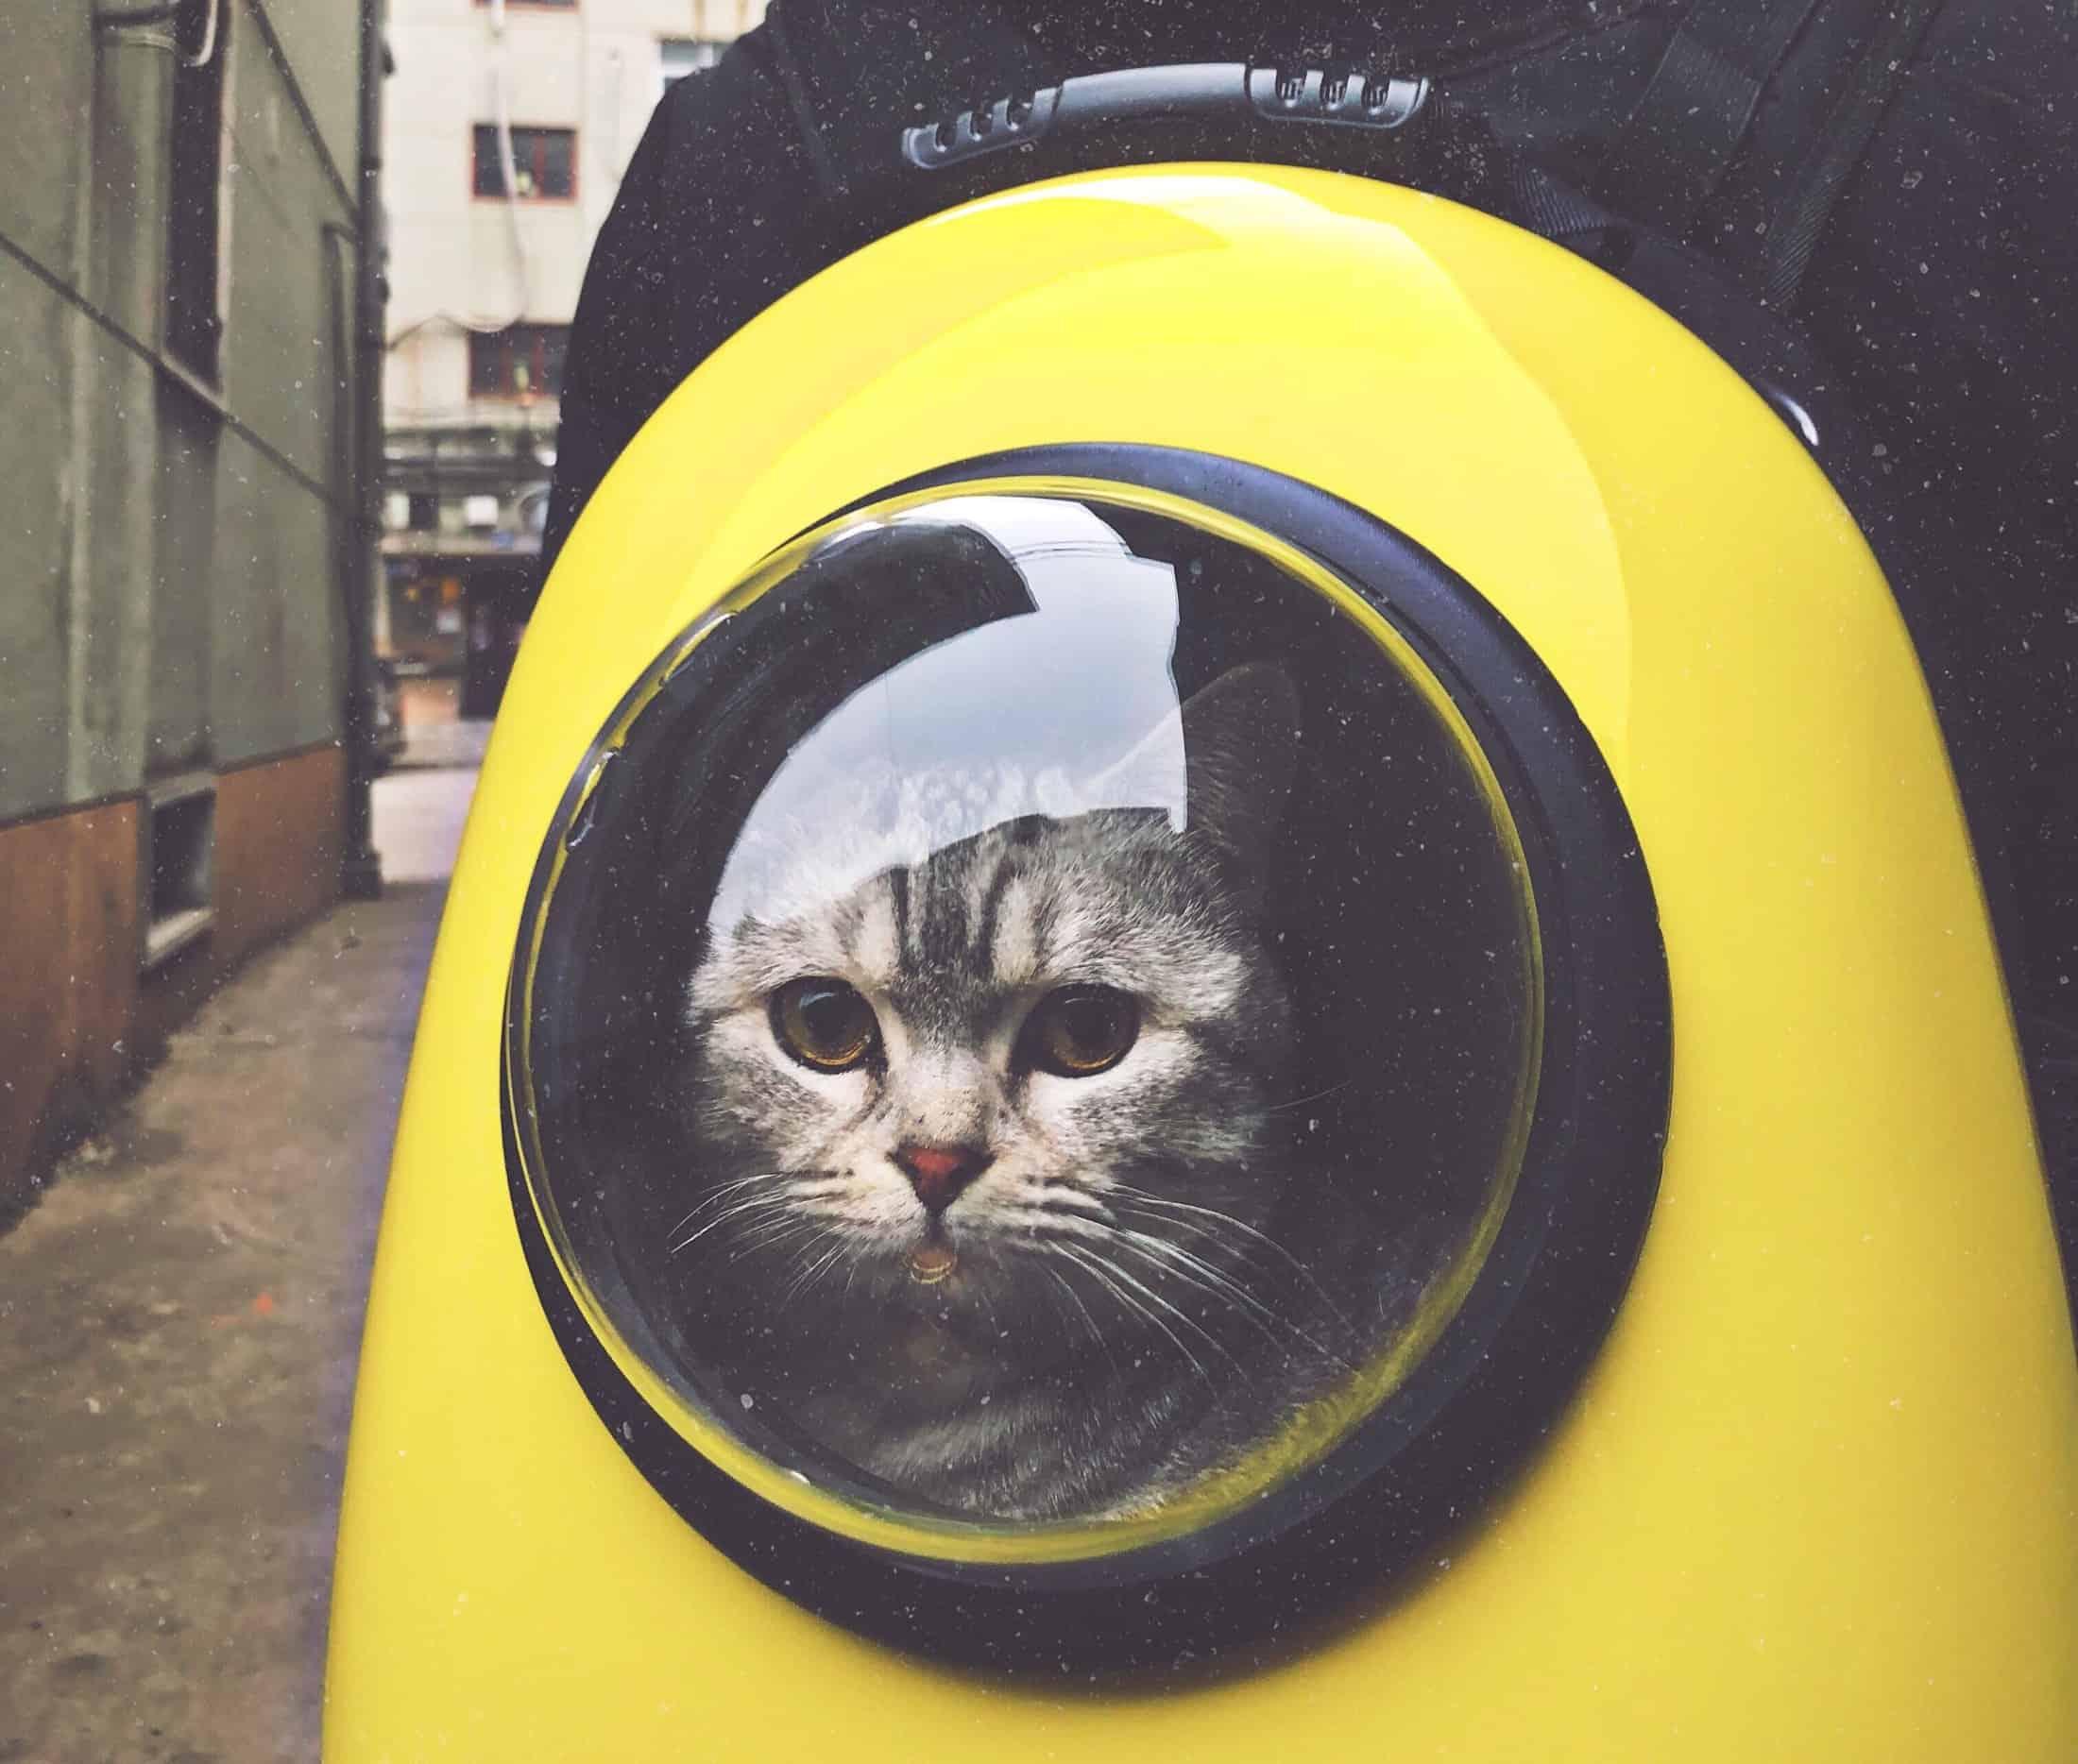 Katzenrucksack: Test & Empfehlungen (01/21)